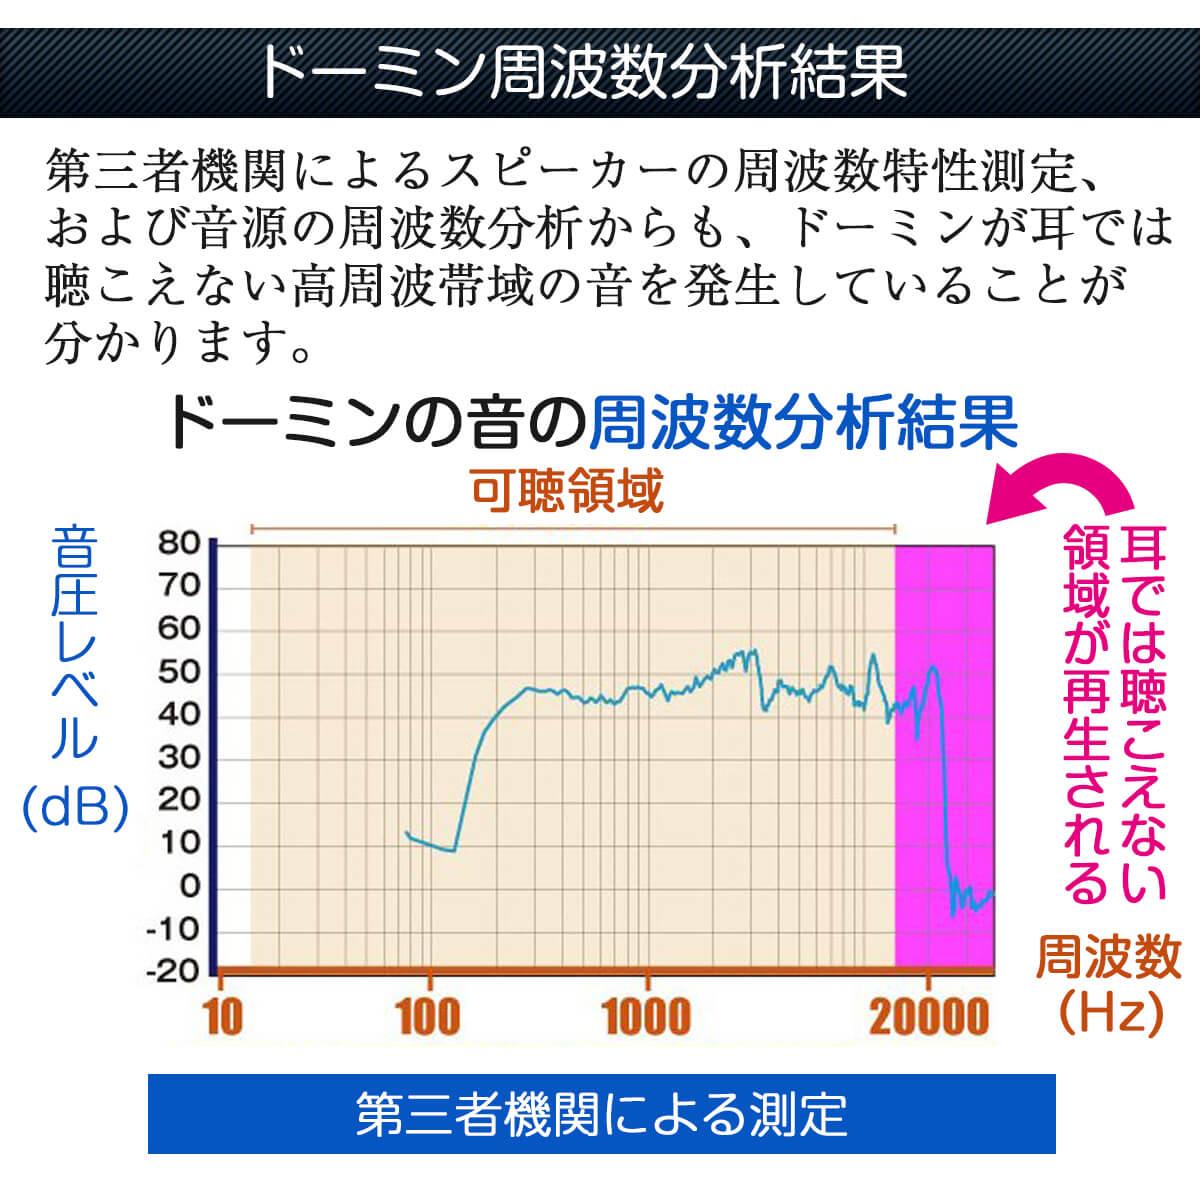 ドーミンの周波数分析結果